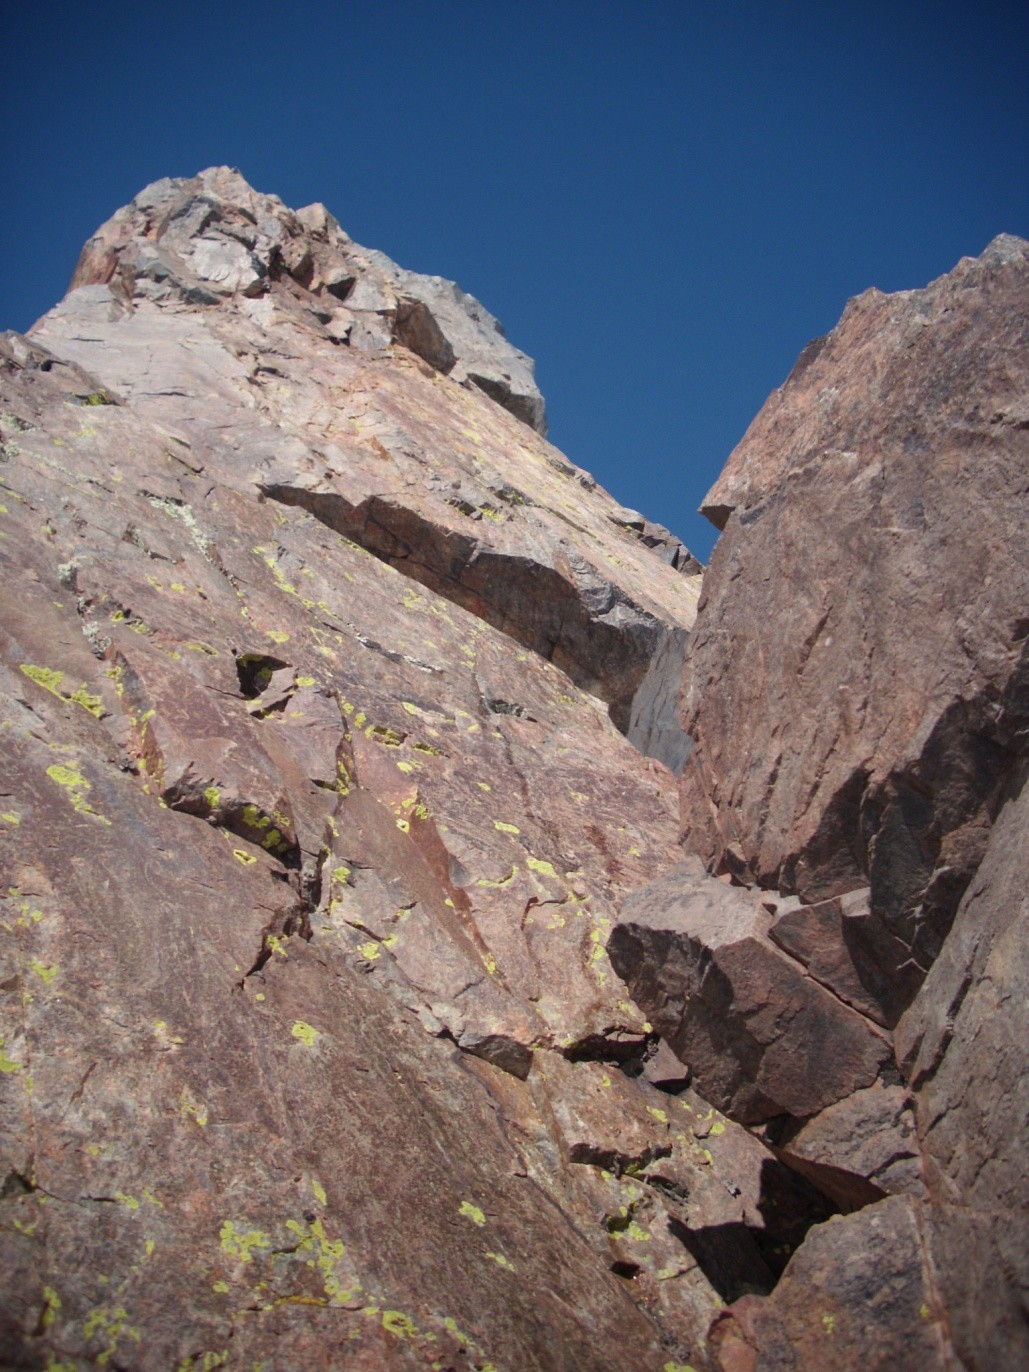 Unico tramo de roca del ascenso, unos 15 mts.